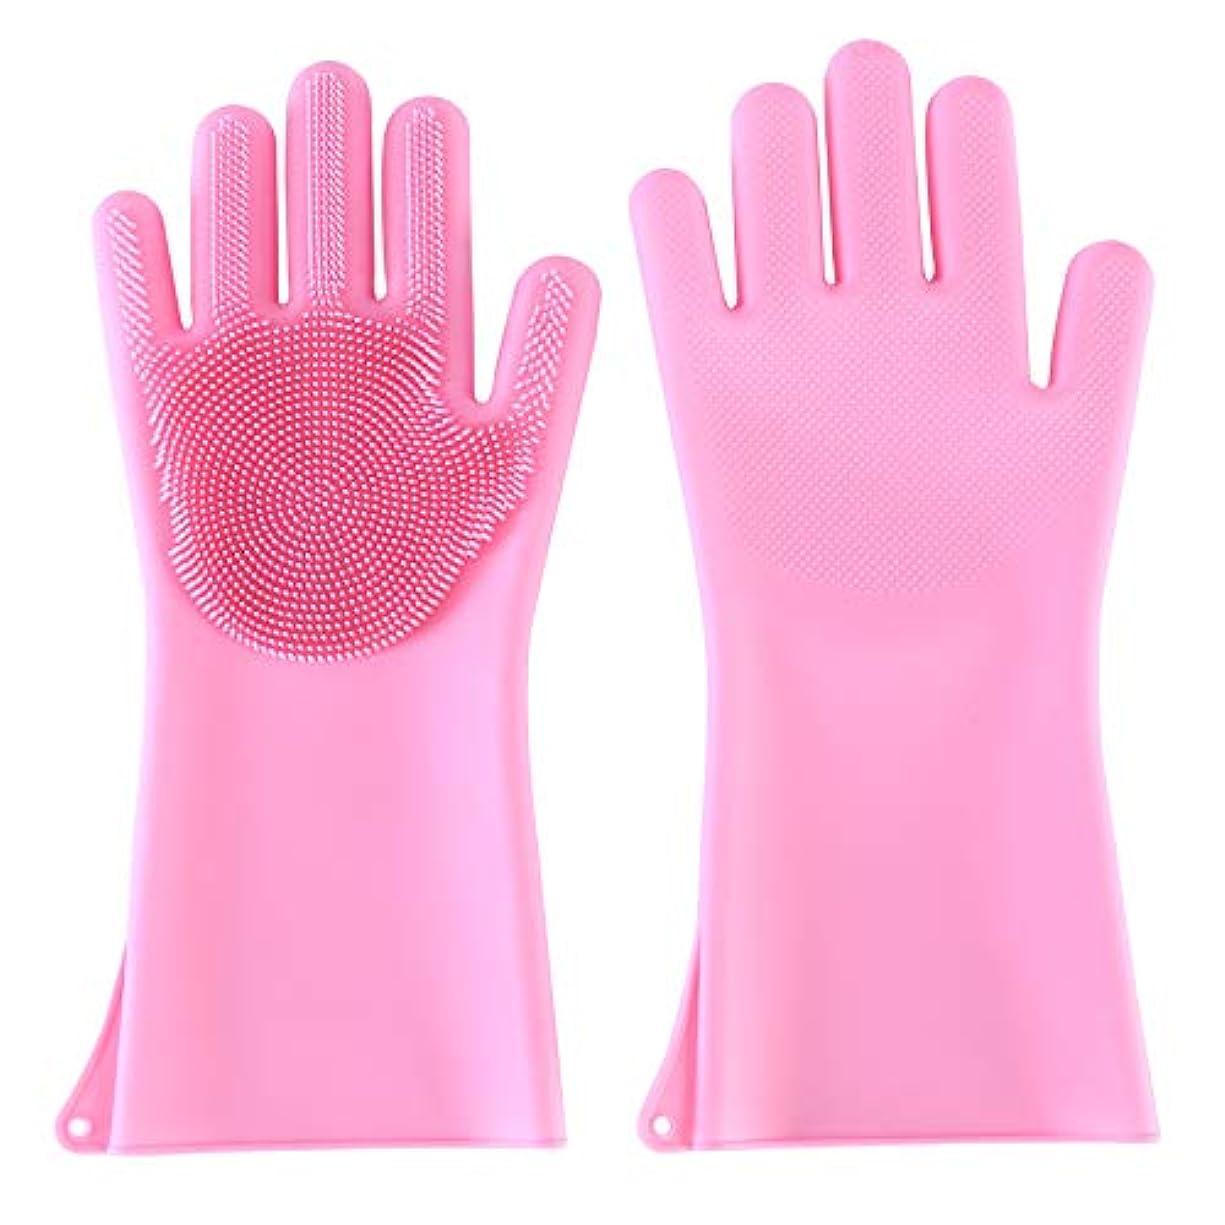 恵み面積収縮BTXXYJP ペット ブラシ 手袋 猫 ブラシ グローブ 耐摩耗 クリーナー 抜け毛取り マッサージブラシ 犬 グローブ お手入れ (Color : Pink)